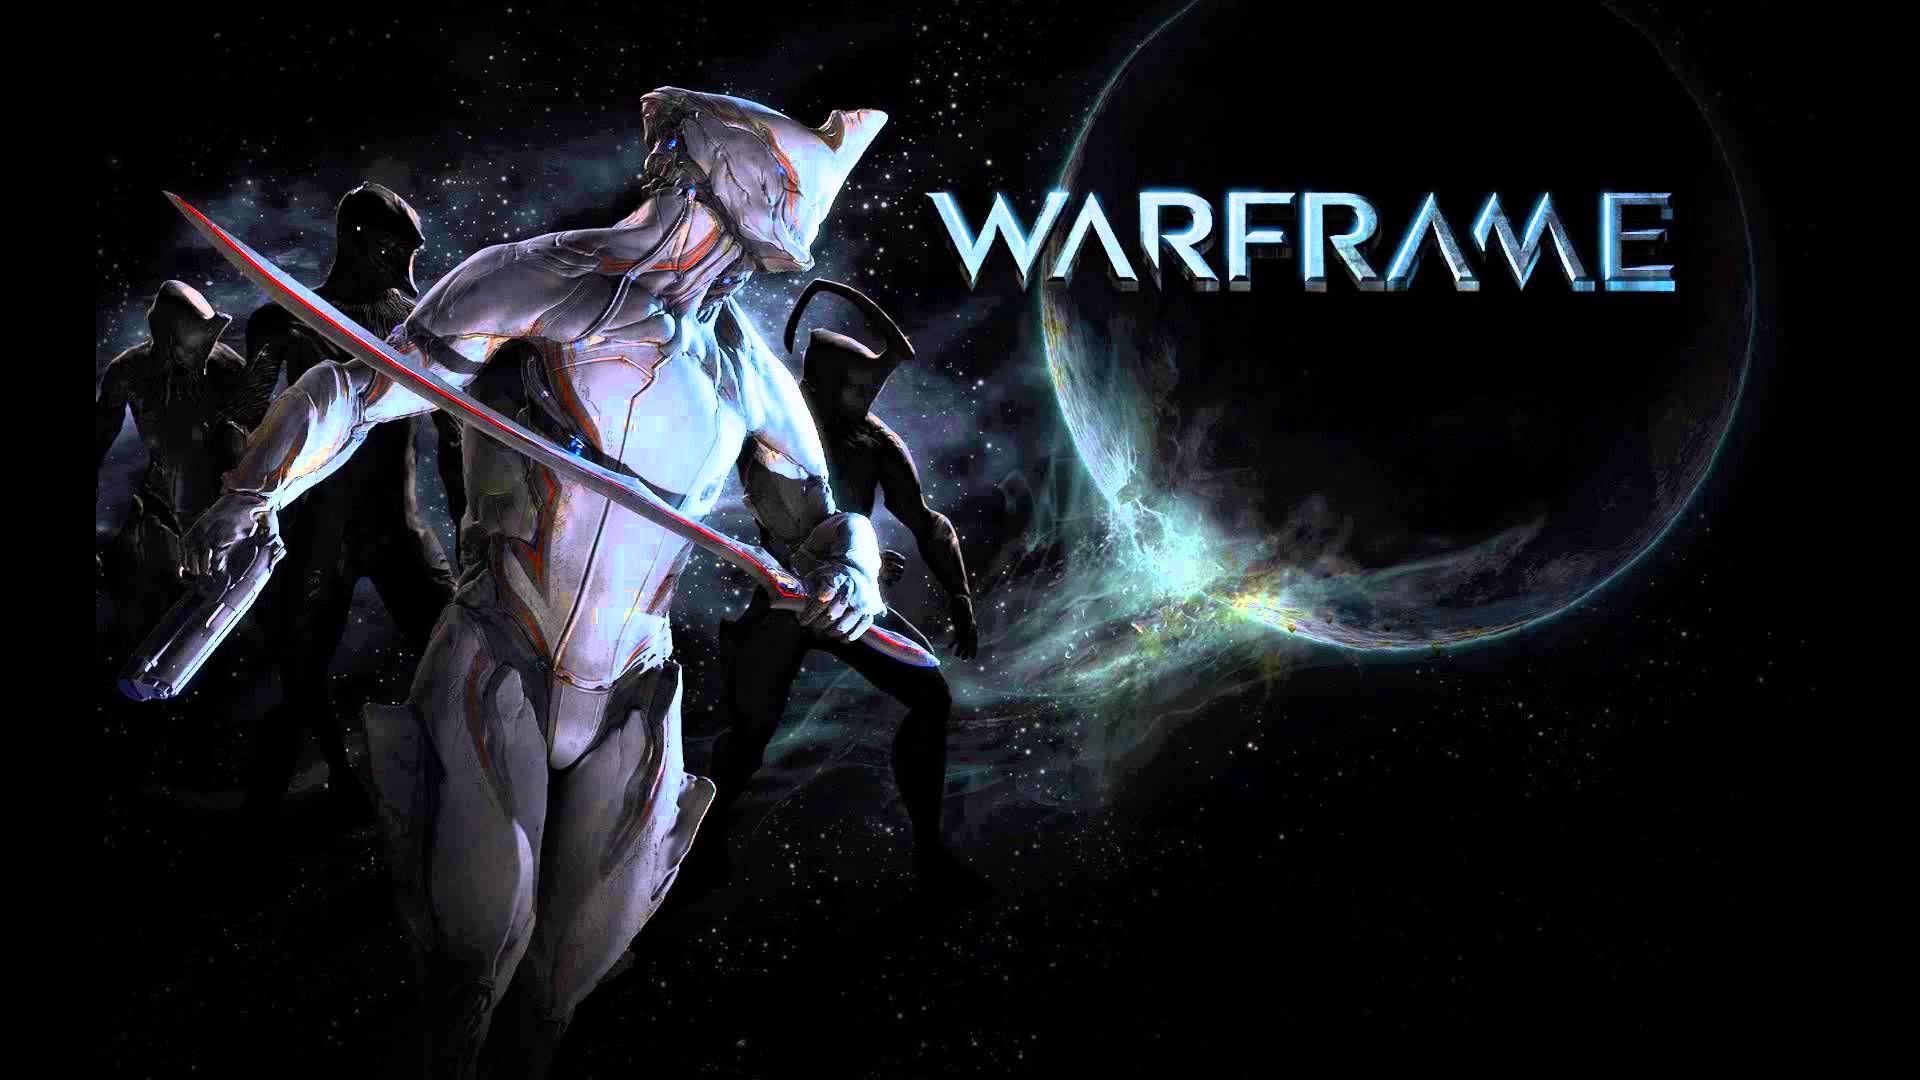 Warframe Wallpaper Images Warframe Wallpaper Warframe Art Warframe Game